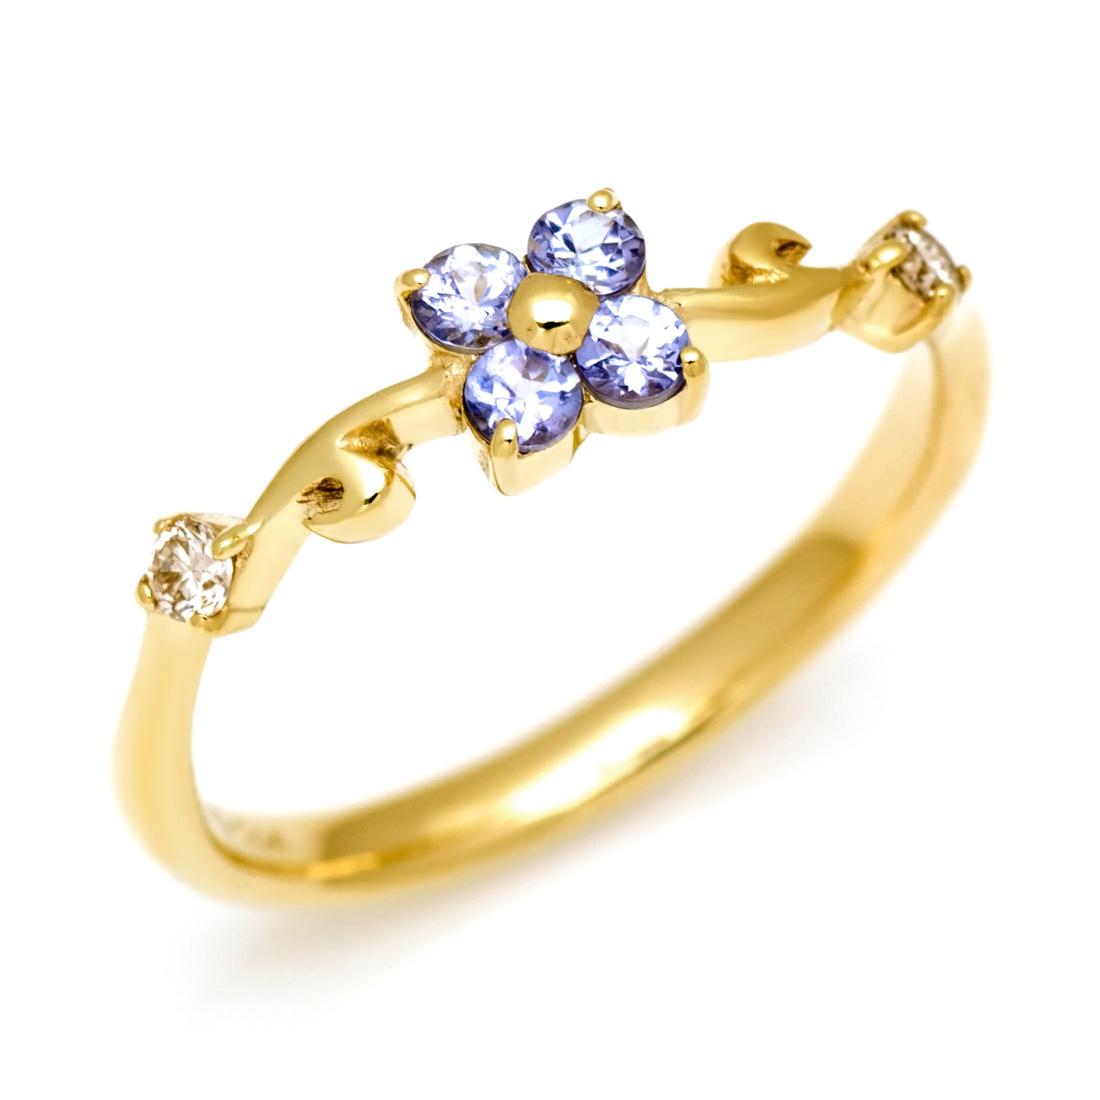 リング タンザナイト ダイヤモンド ゴールド K10 フラワーモチーフ